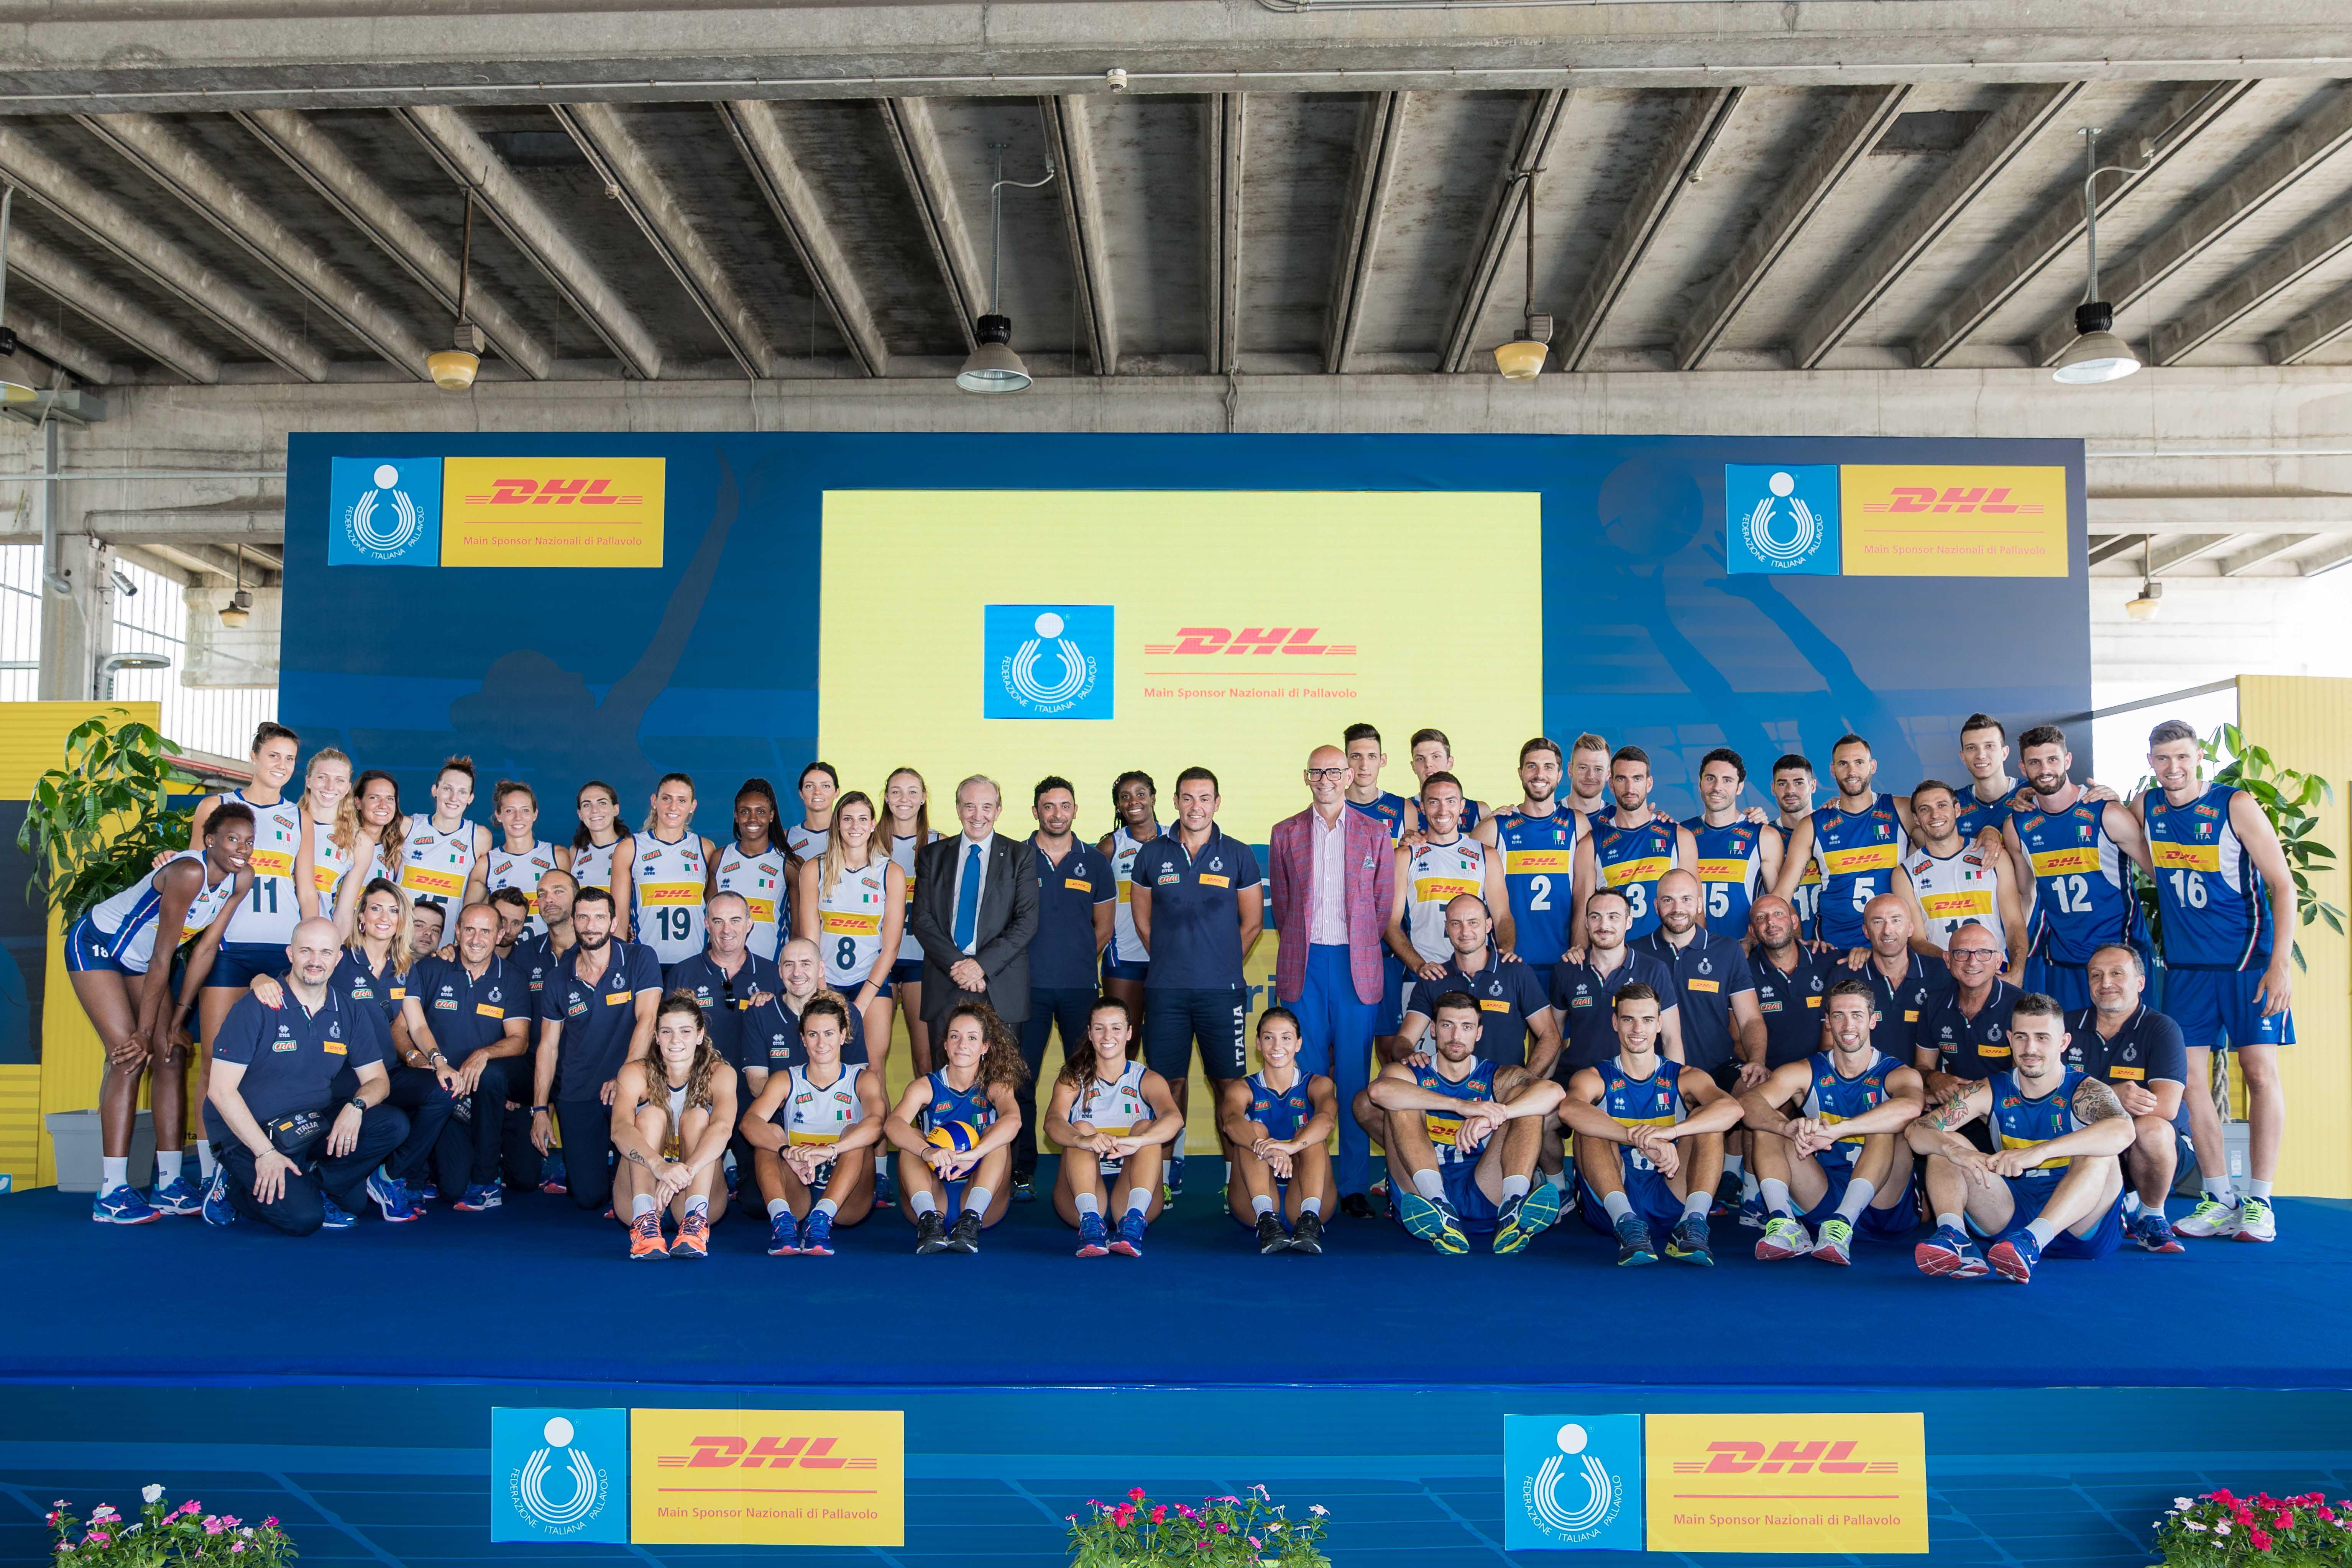 Dhl ha incontrato la nazionale femminile e maschile in cammino verso i Mondiali